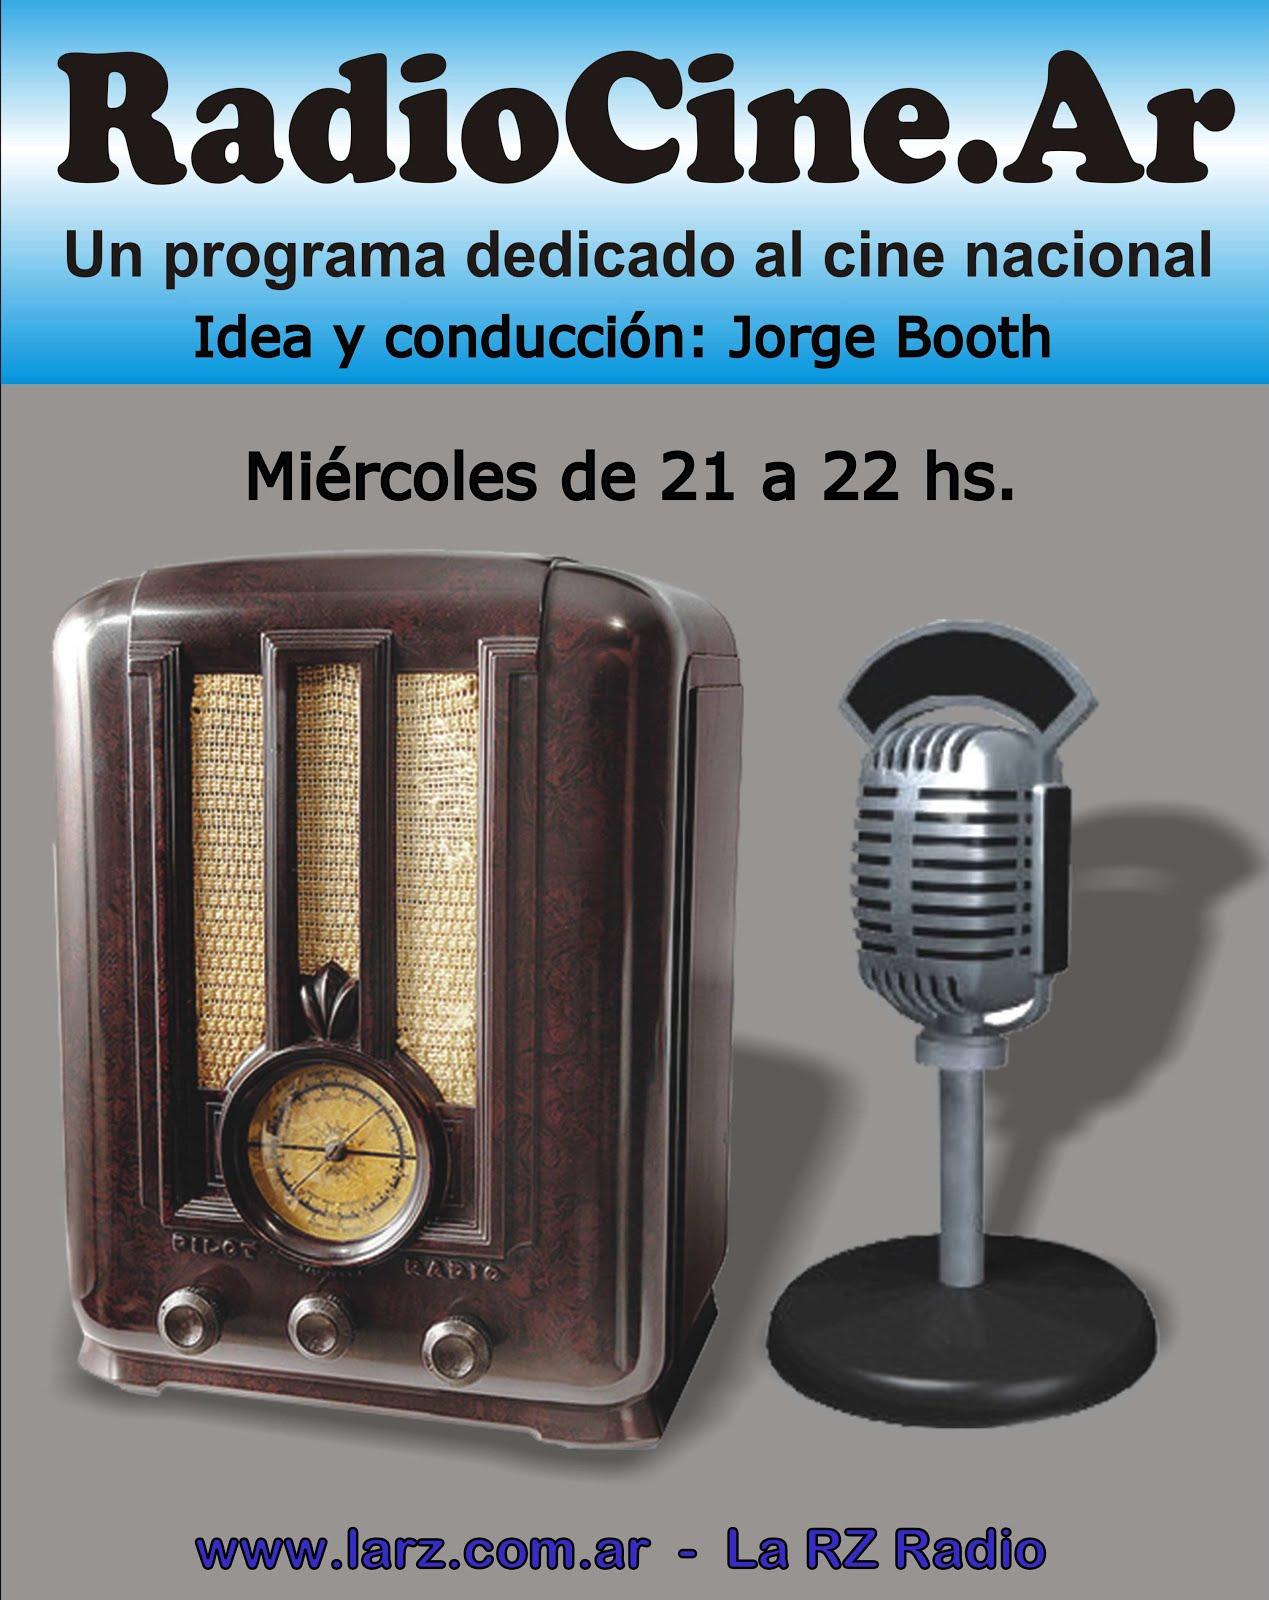 Un programa dedicado al cine nacional.